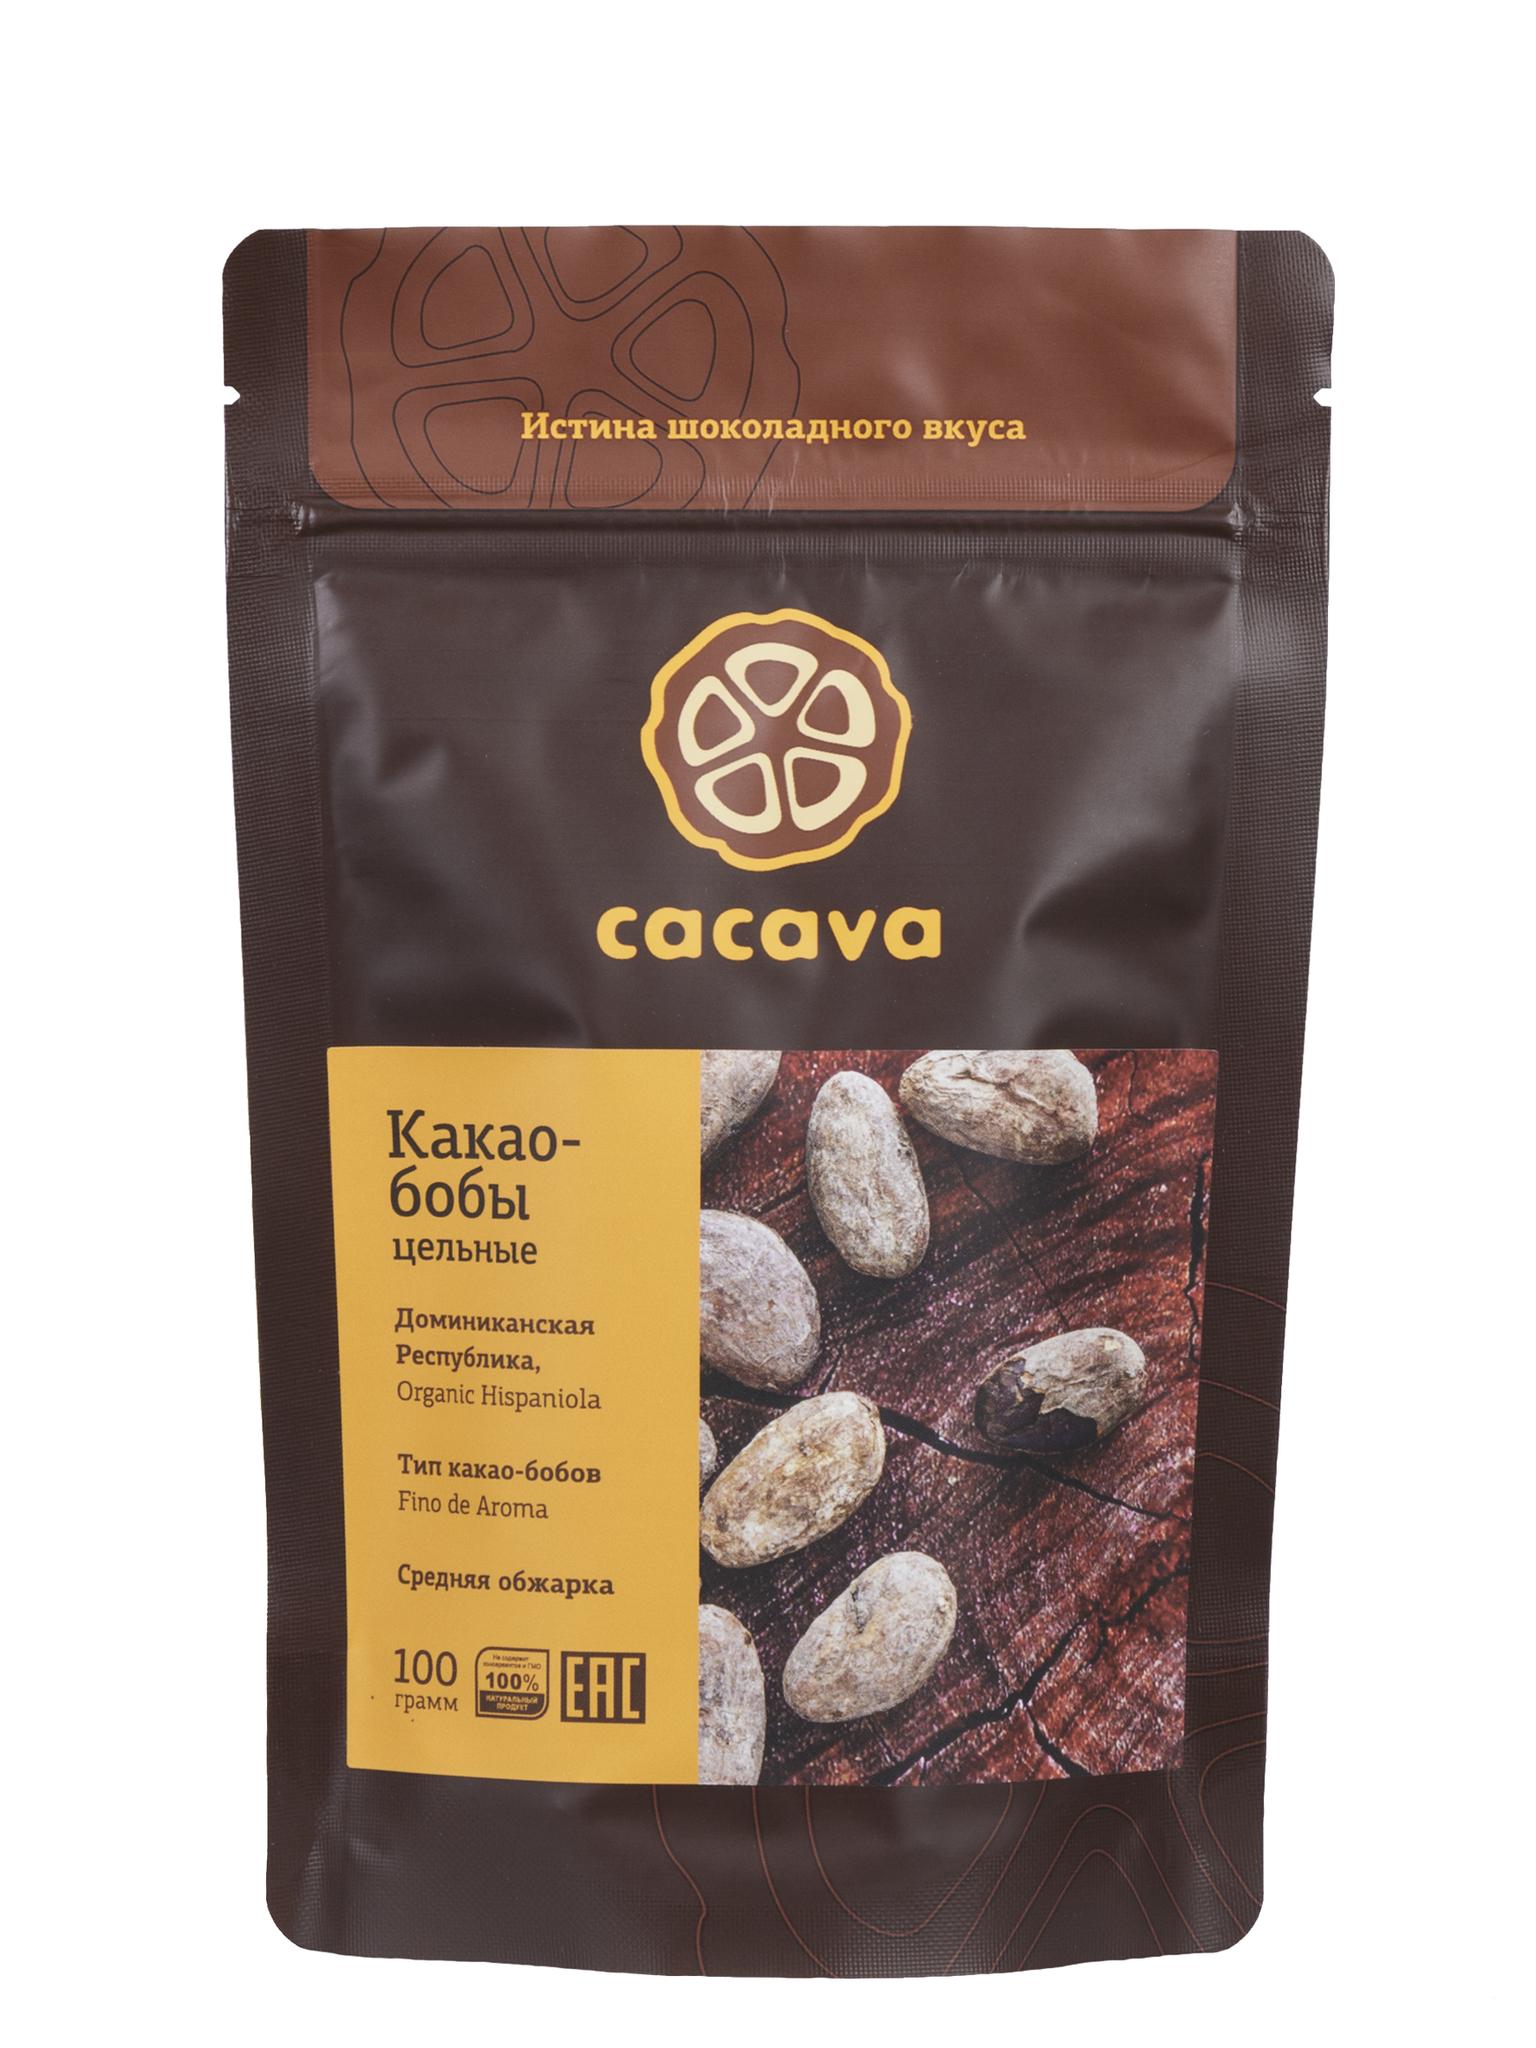 Какао-бобы цельные (Доминикана), упаковка 100 грамм